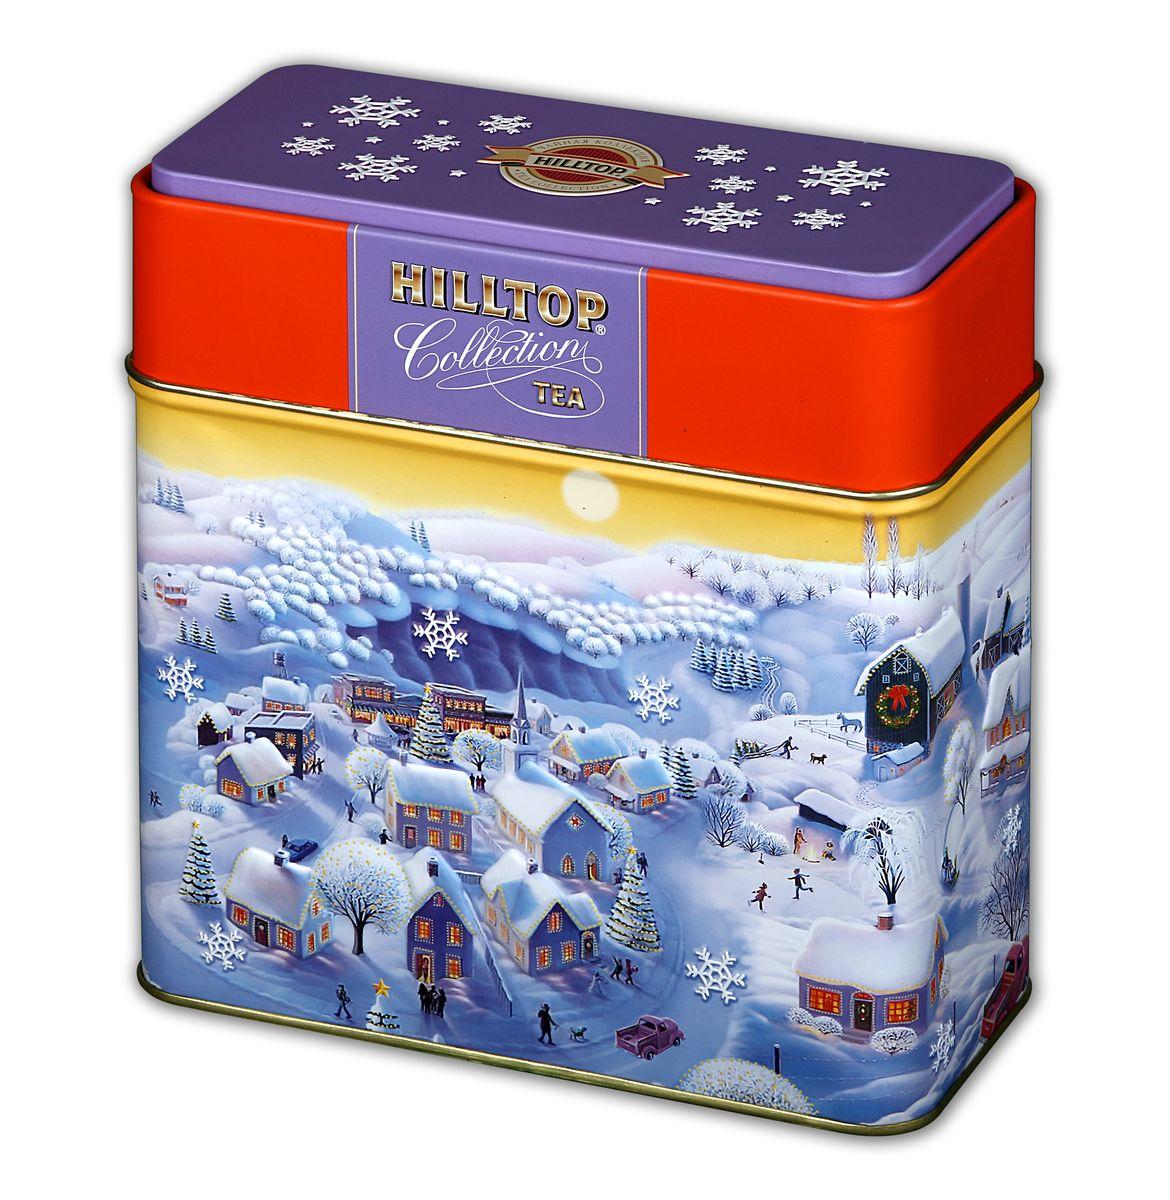 Hilltop Сказочные домики черный листовой чай, 200 г4607099303607Hilltop Сказочные домики - особо крупнолистовой цейлонский черный чай с насыщенным ароматом и терпким вкусом будет безупречным дополнением к новогоднему столу, а также отличным подарком для ваших близких! Яркая подарочная упаковка чая на новогоднем чаепитии безусловно порадует ваших гостей!